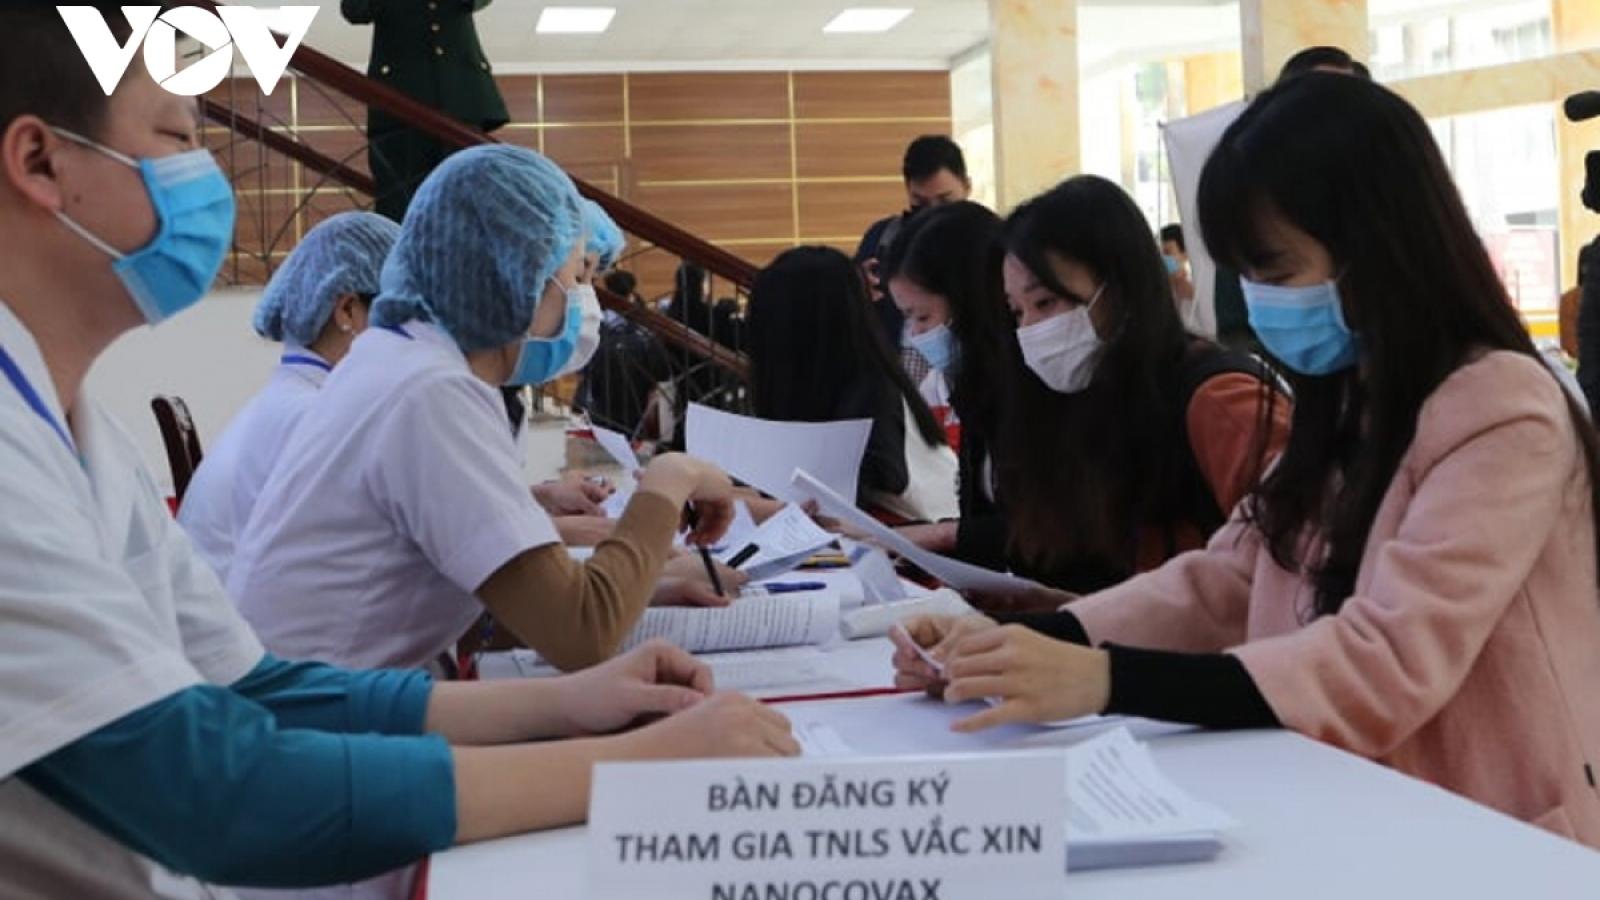 Khởi động thử nghiệm vaccine Covid-19 của Việt Nam - đầy hứa hẹn